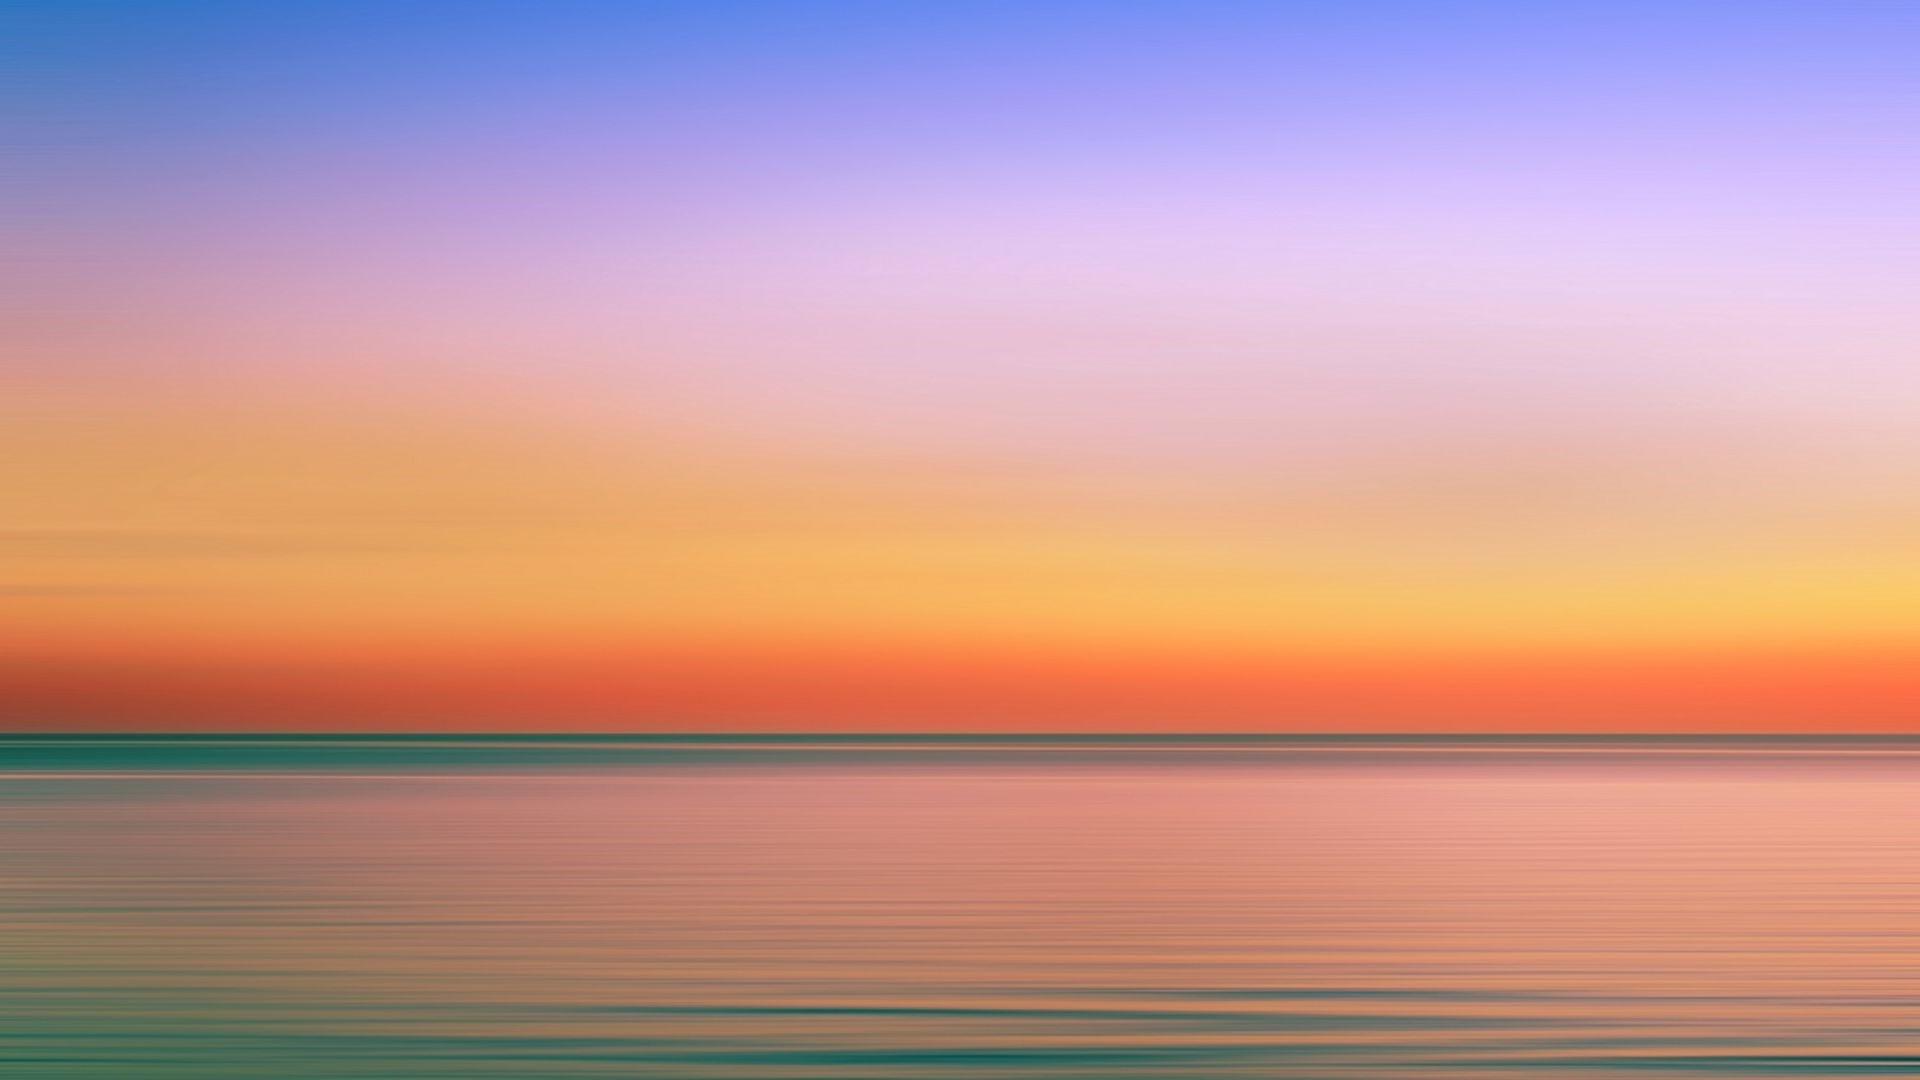 Sky Minimalist HD Wallpaper